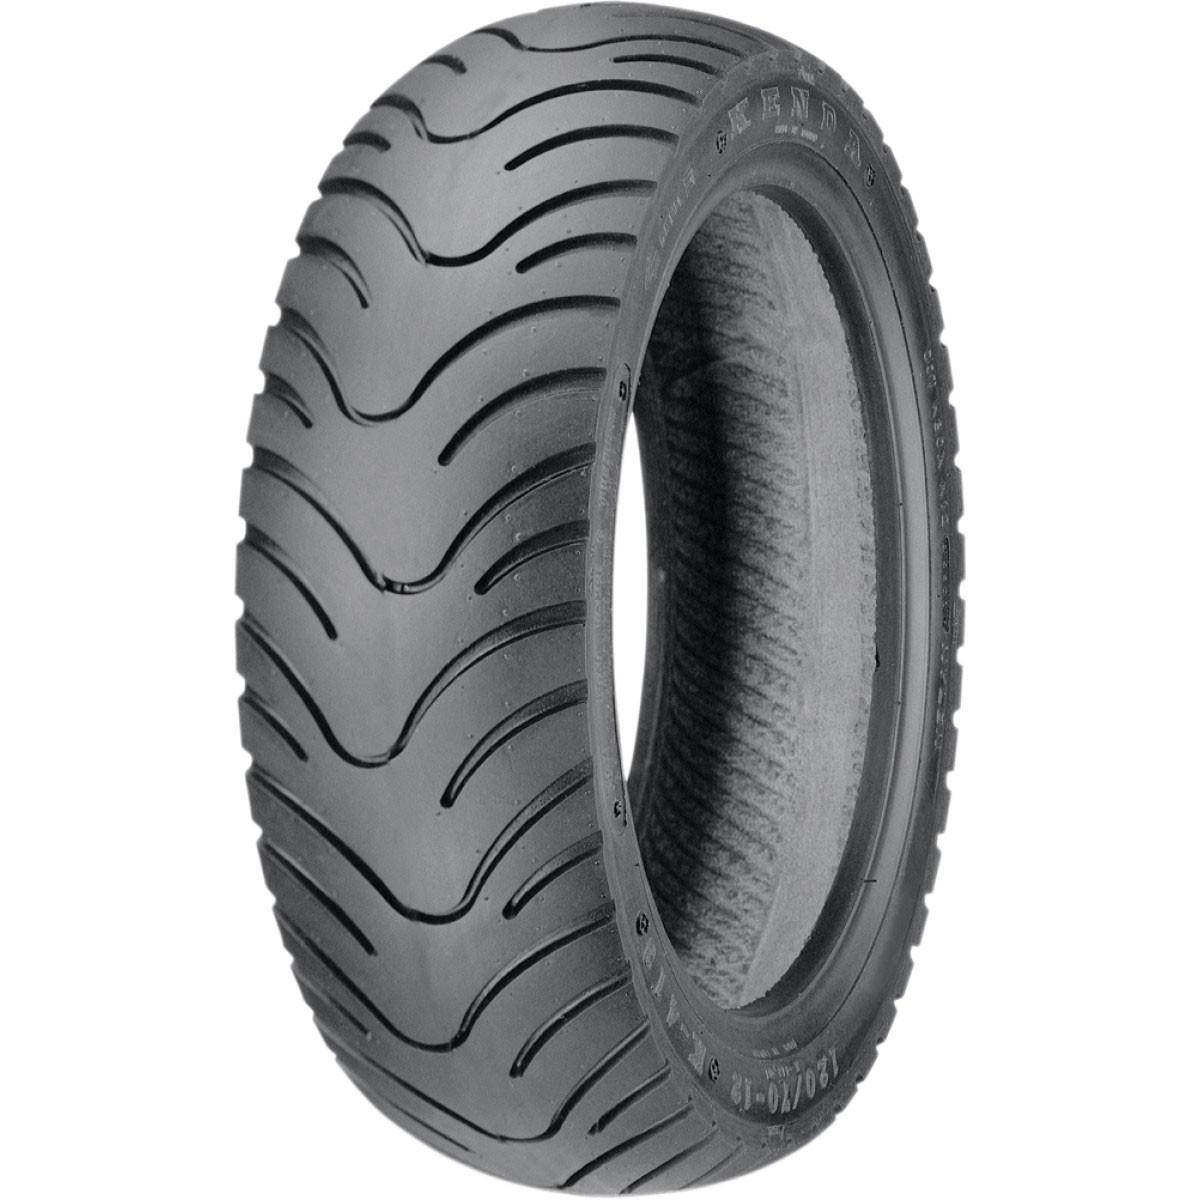 Il faut être outillé pour changer les pneus du scooter